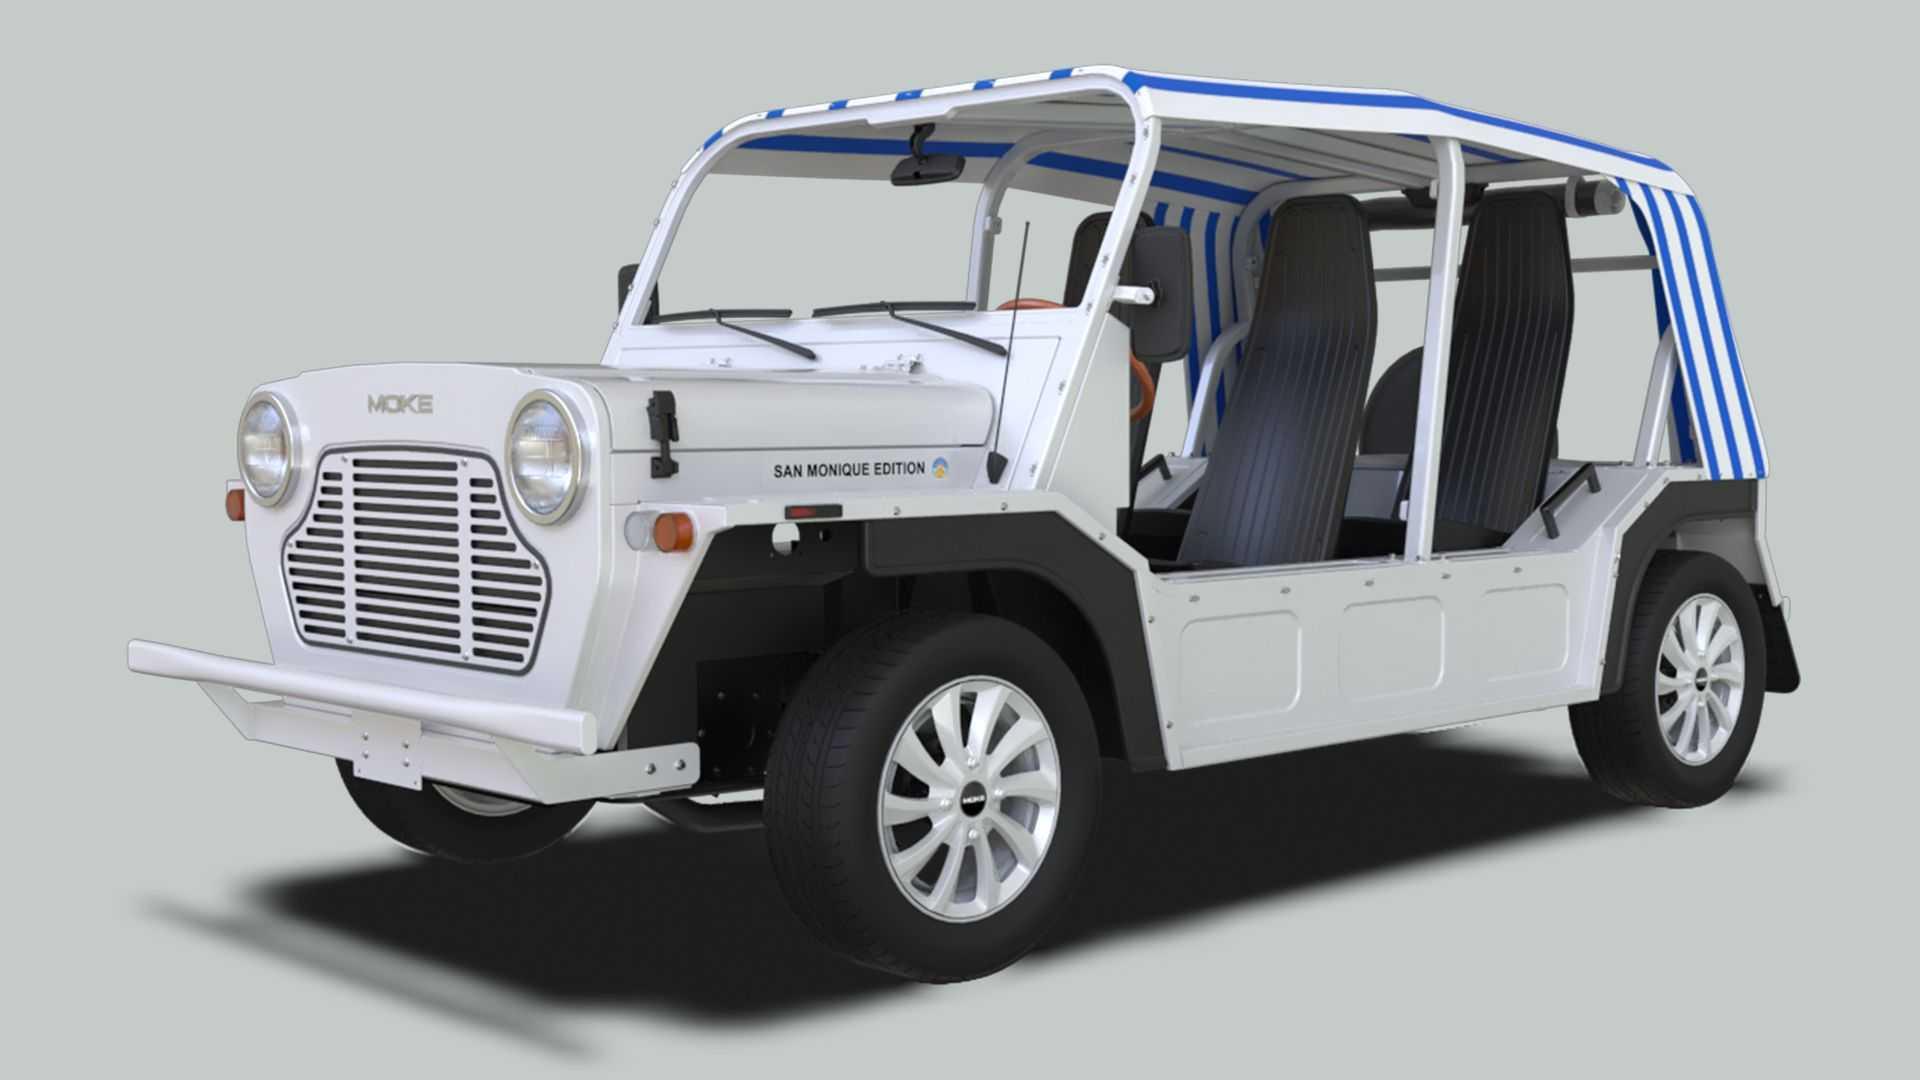 Moke America sản xuất kiểu xe điện giống chiếc James Bond từng lái